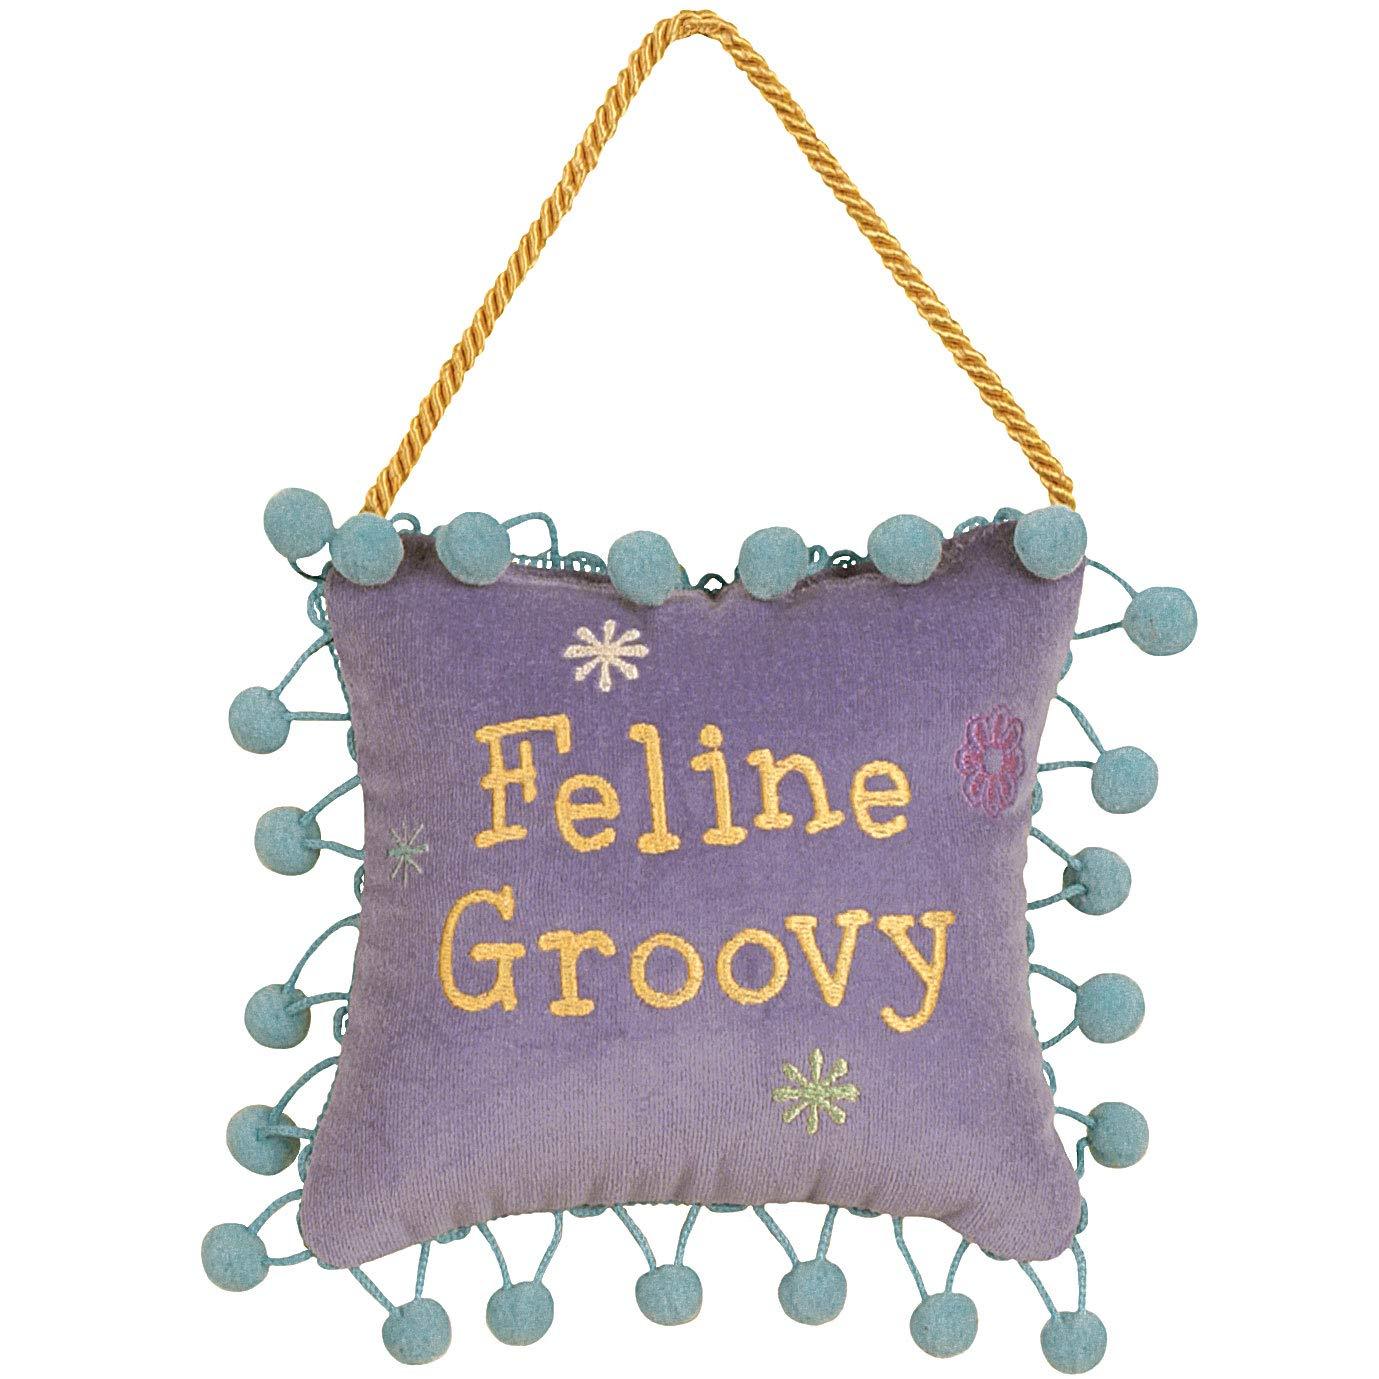 Feline Groovy Door Hanger Gift for Cat Lover in Lavender, 6x6